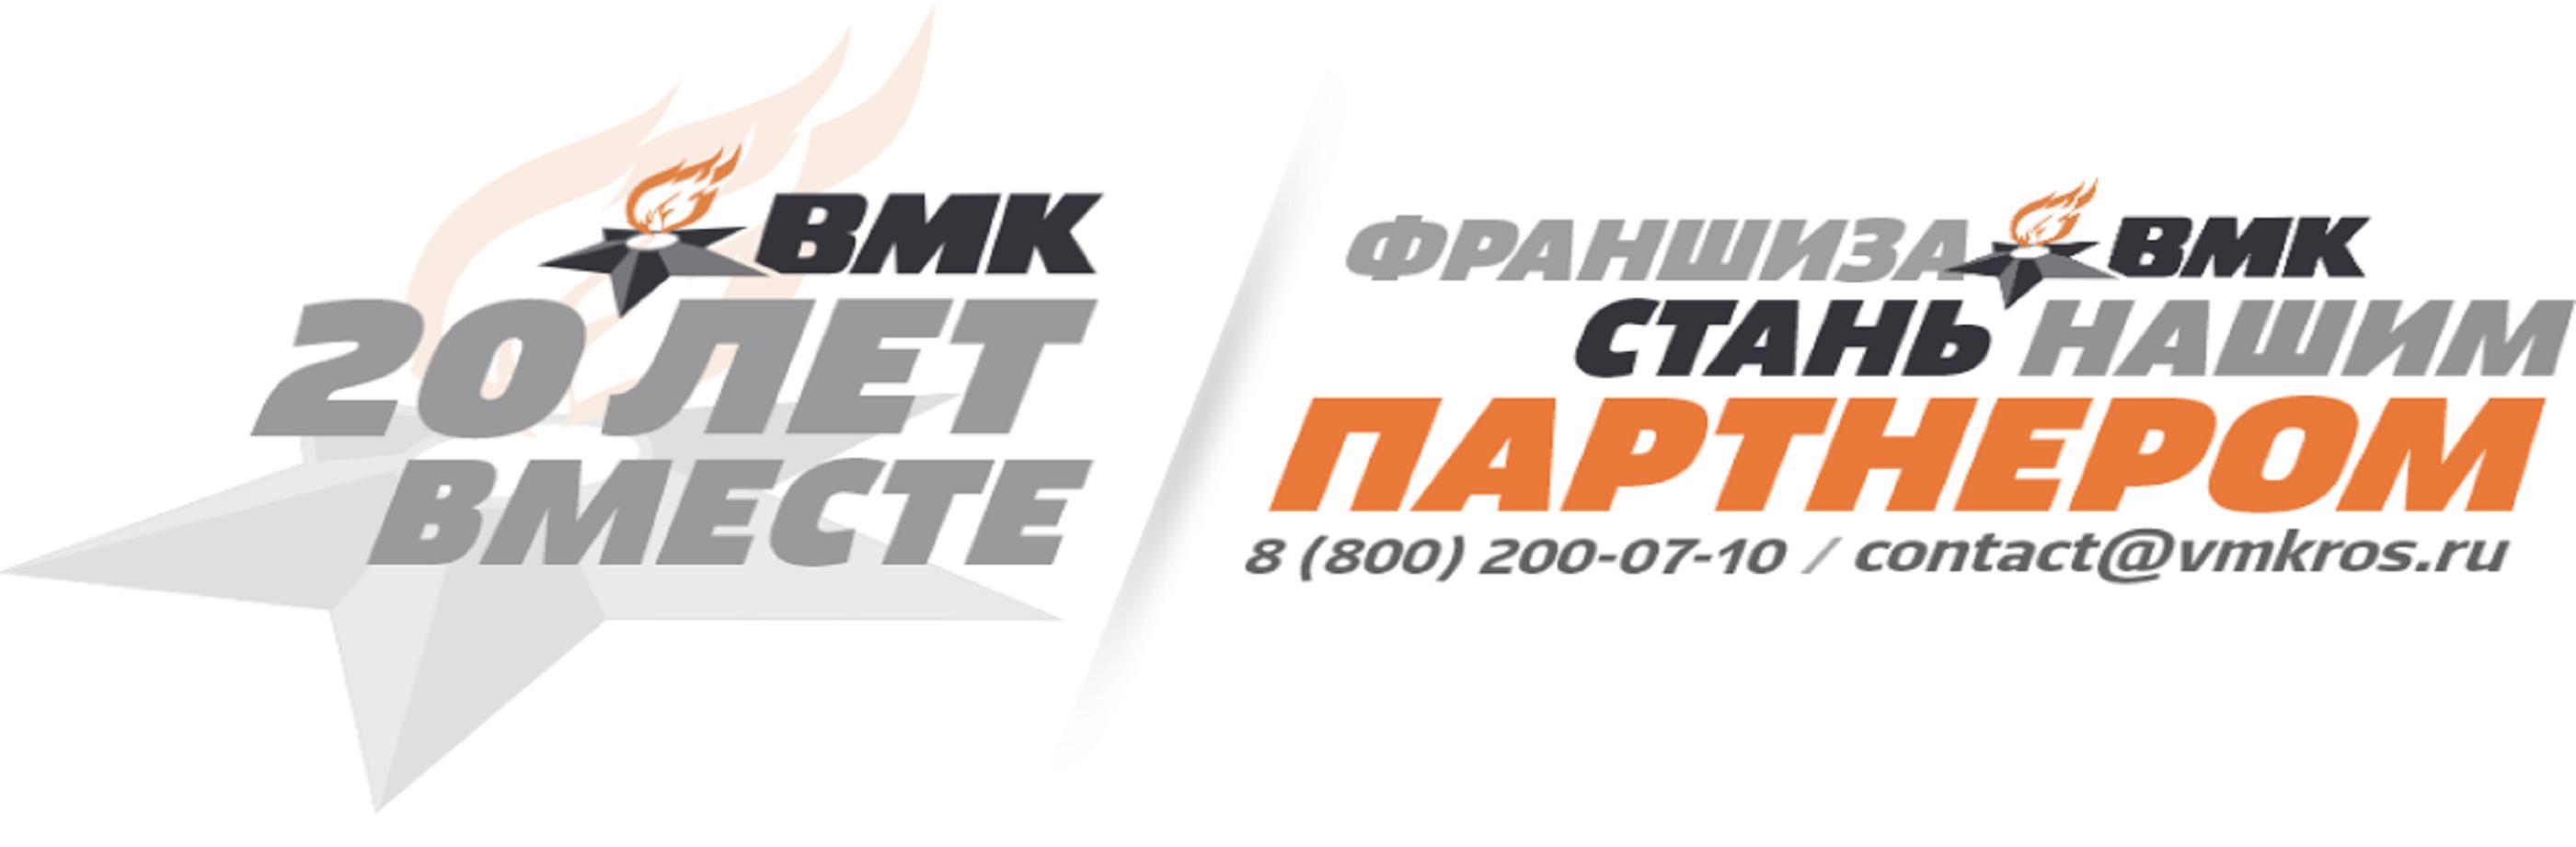 Пахаронные агенства новокузнецка ищу работу